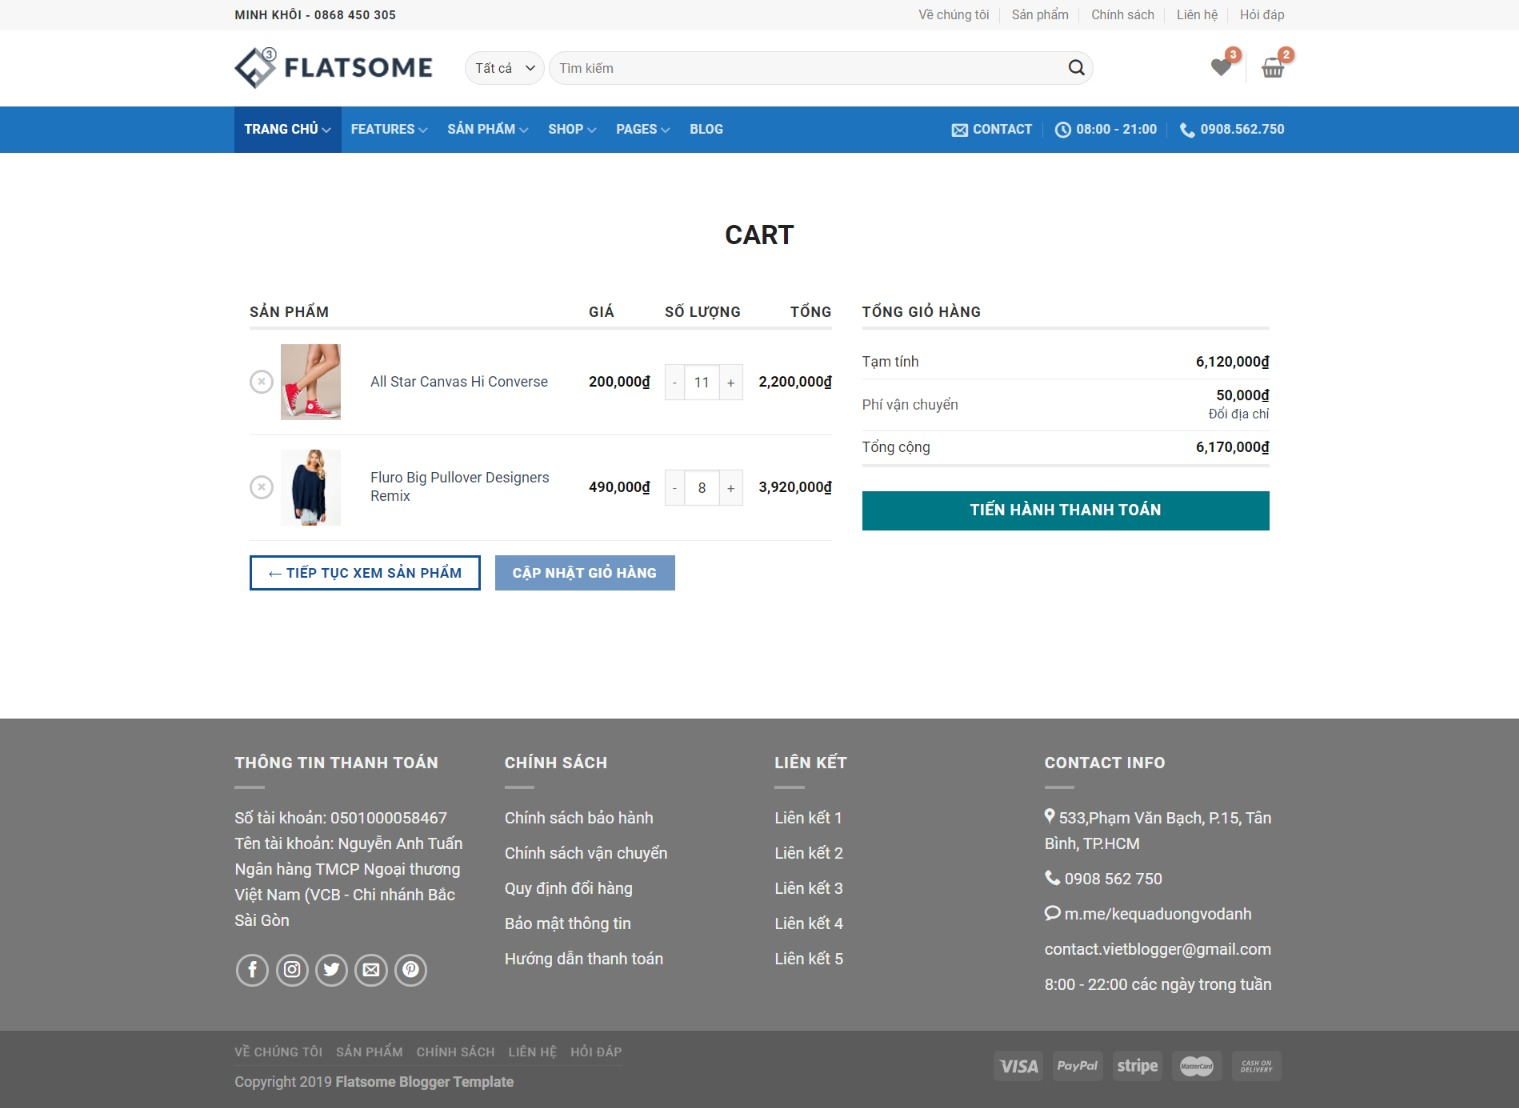 Mẫu bán hàng cao cấp Flatsome Theme Blogger